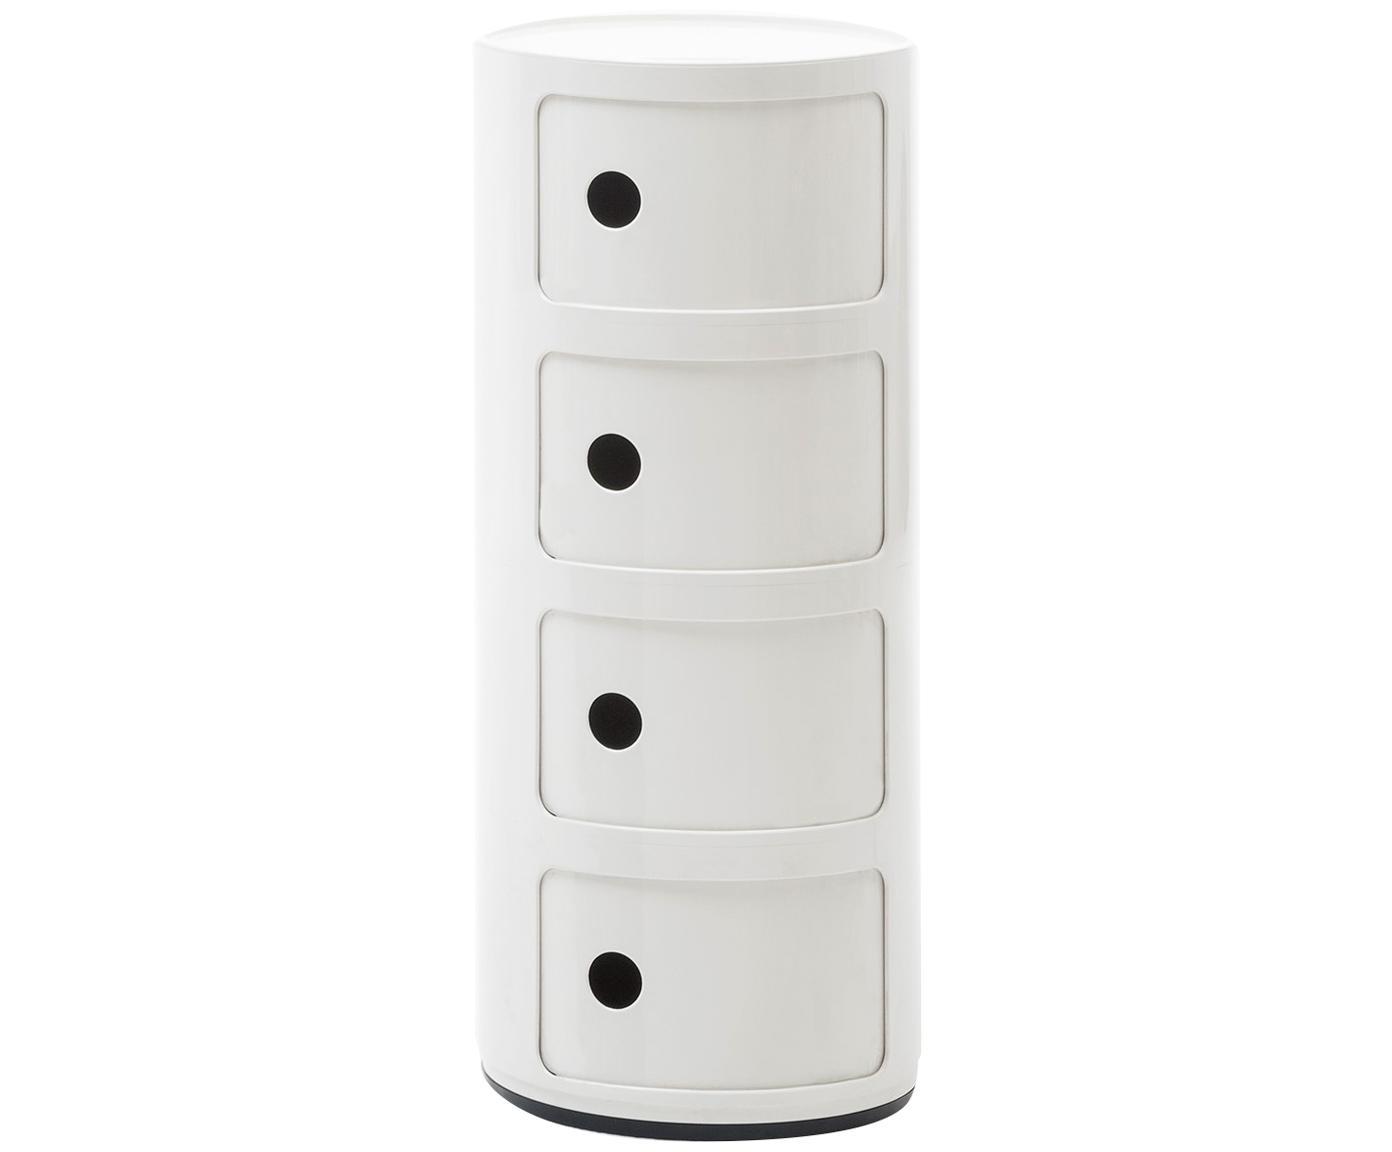 Stolik pomocniczy Componibile, Tworzywo sztuczne, Biały, Ø 32 x W 77 cm